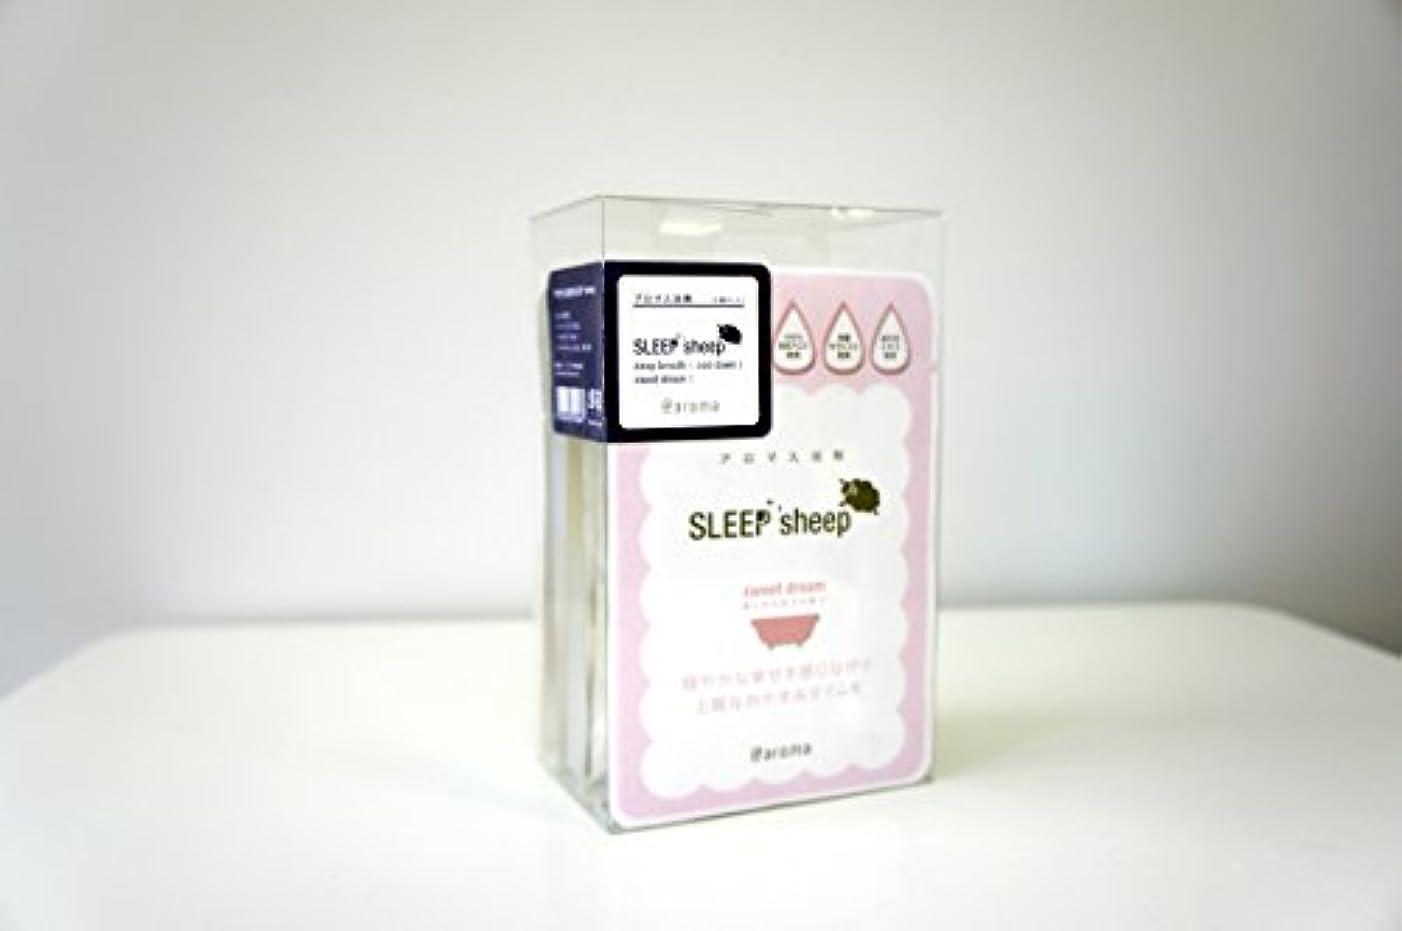 最近疼痛アパルアロマ入浴剤 SLEEP sheep 6個セット